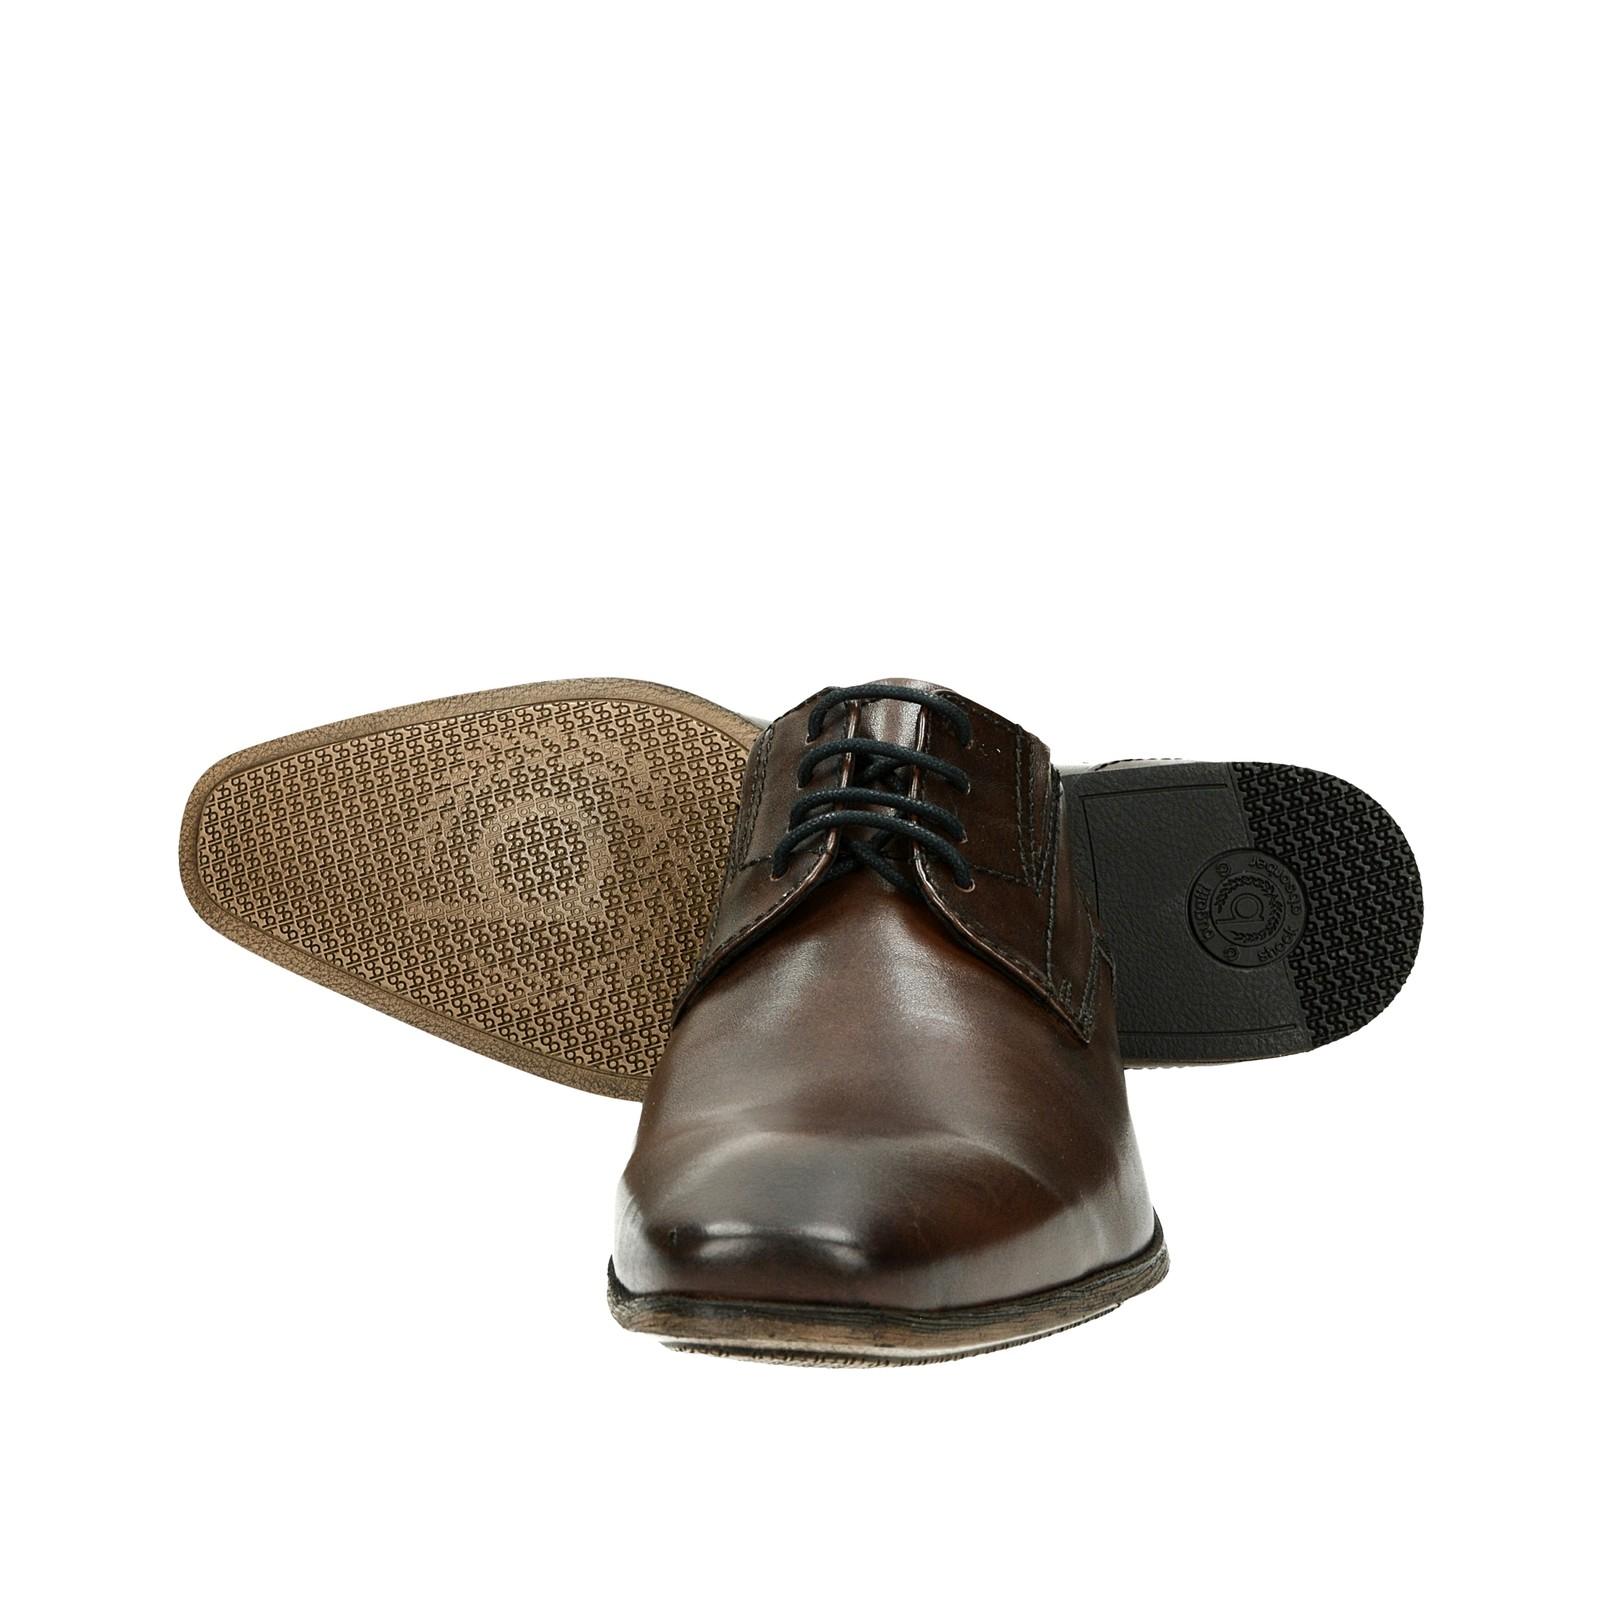 28b7770b38 ... Bugatti pánské kožené společenské boty - hnědé ...